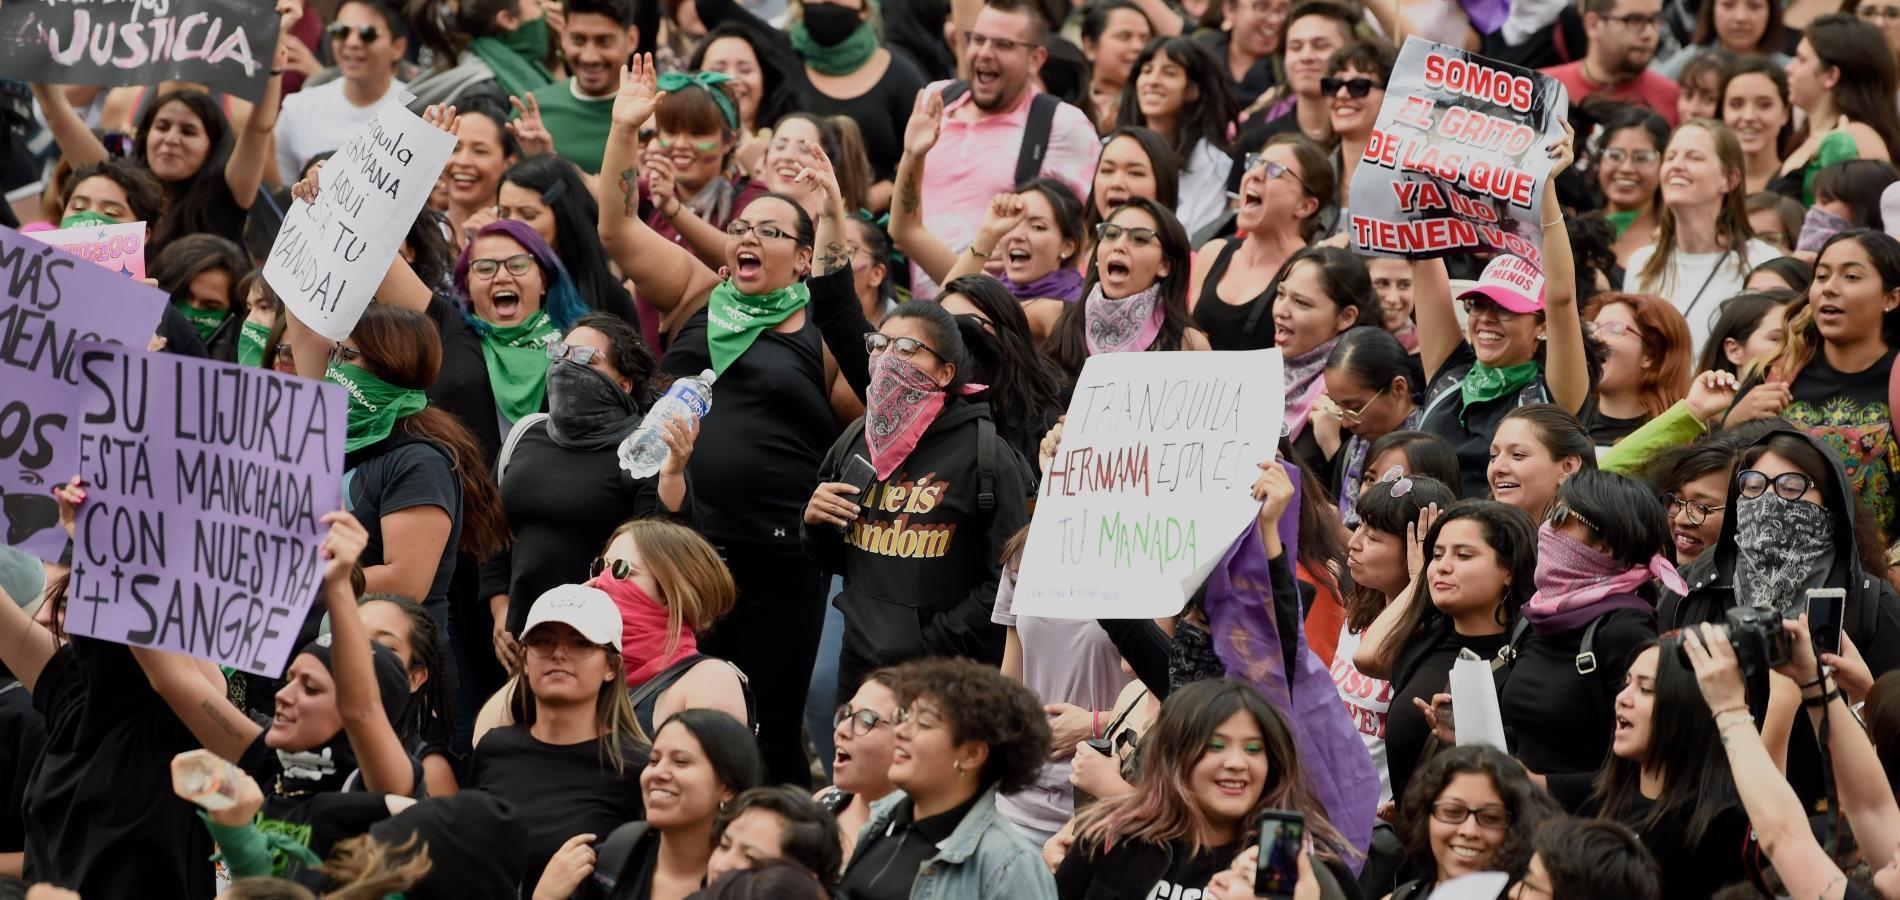 Au Mexique, des milliers de femmes descendent dans la rue après des  accusations de viols contre des policiers - Madame Figaro